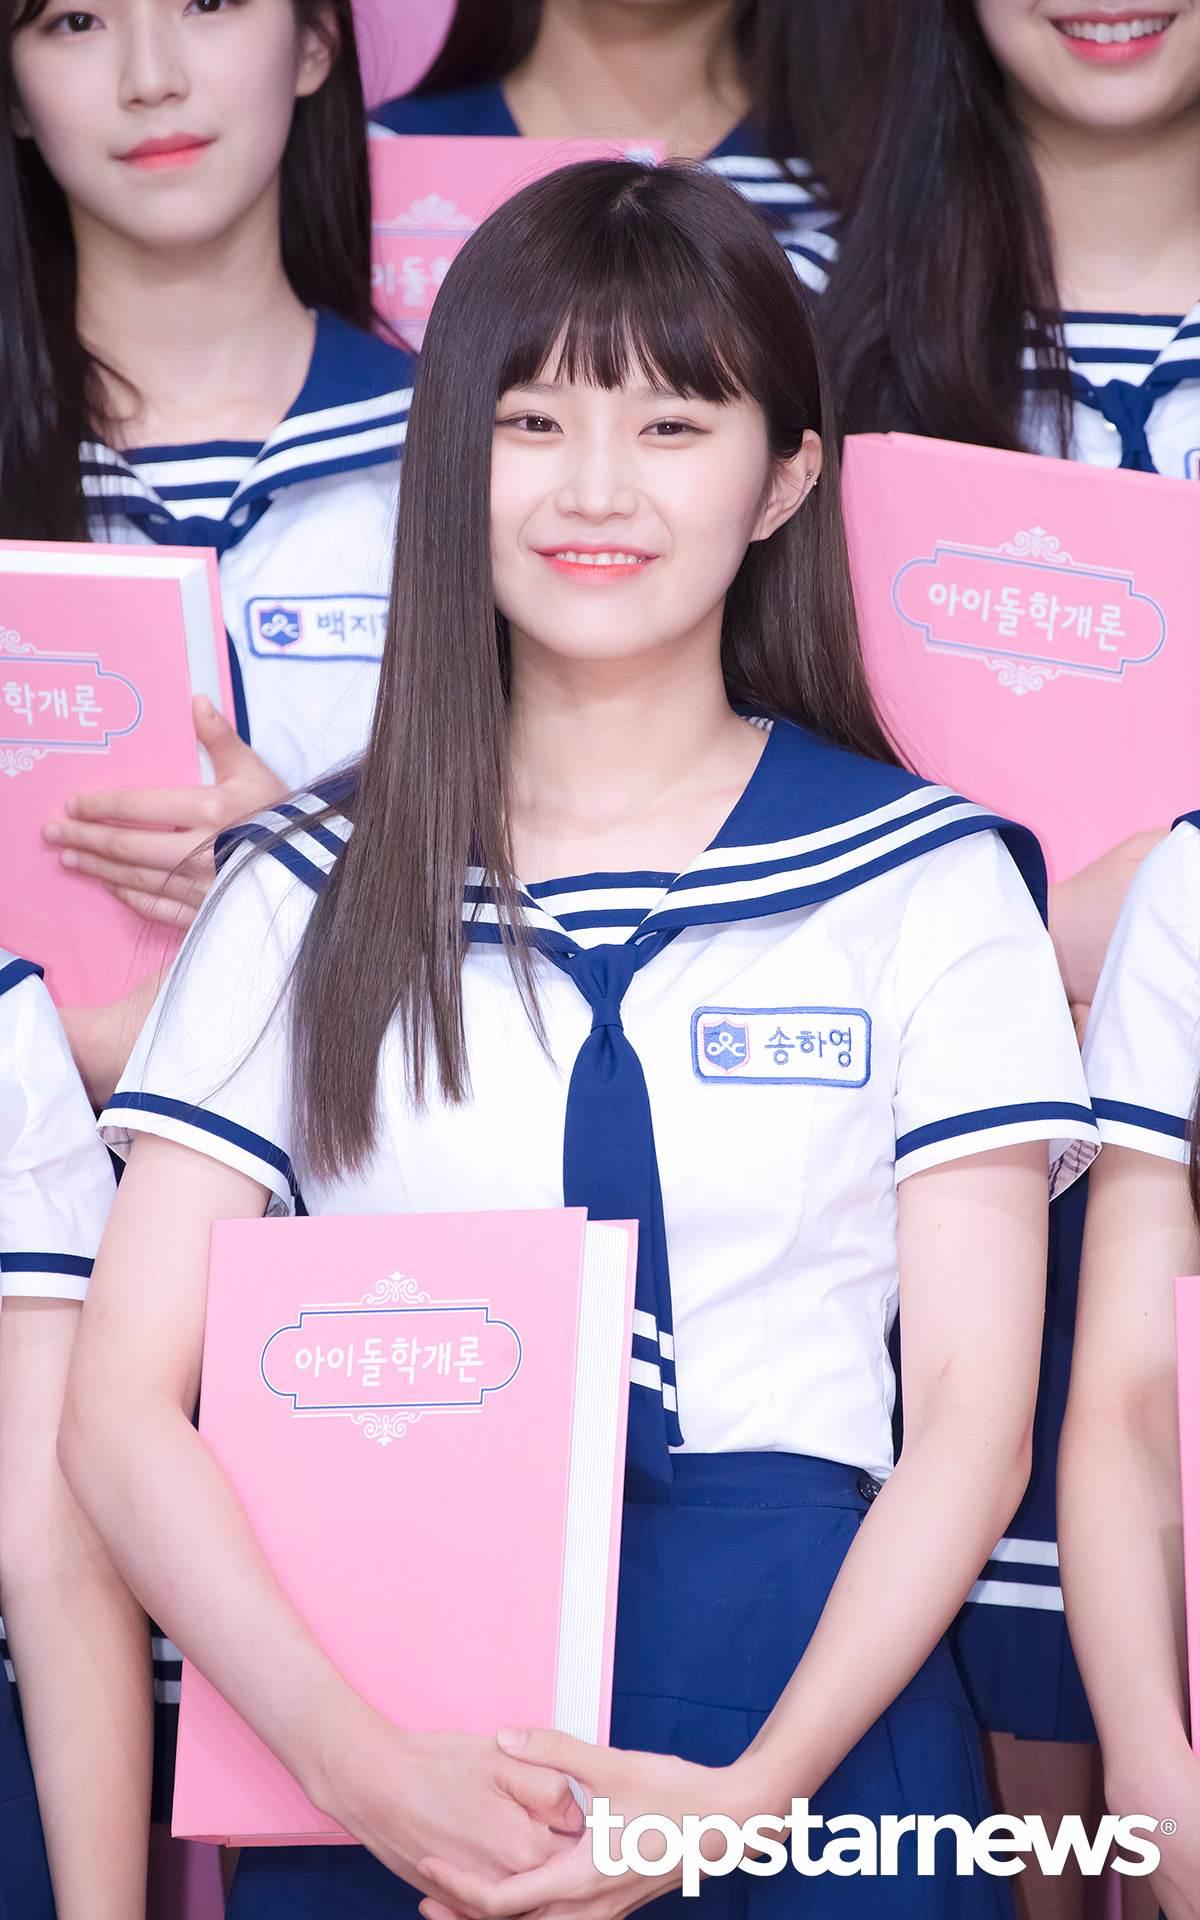 第二集她的總名次也直直上升6位,拿下第一名的好成績!第四集《偶像學校》的學生們會分組表演目前當紅的女團舞蹈,分別是Red Velvet《Rookie》、TWICE《Cheer up》、Lovelyz《Ah Choo》,GFRIEND《Me Gustas Tu》、BLACKPINK《Whistle》宋夏瑛則是被分到TWICE《Cheer up》讓我們一起期待她之後的表現吧!